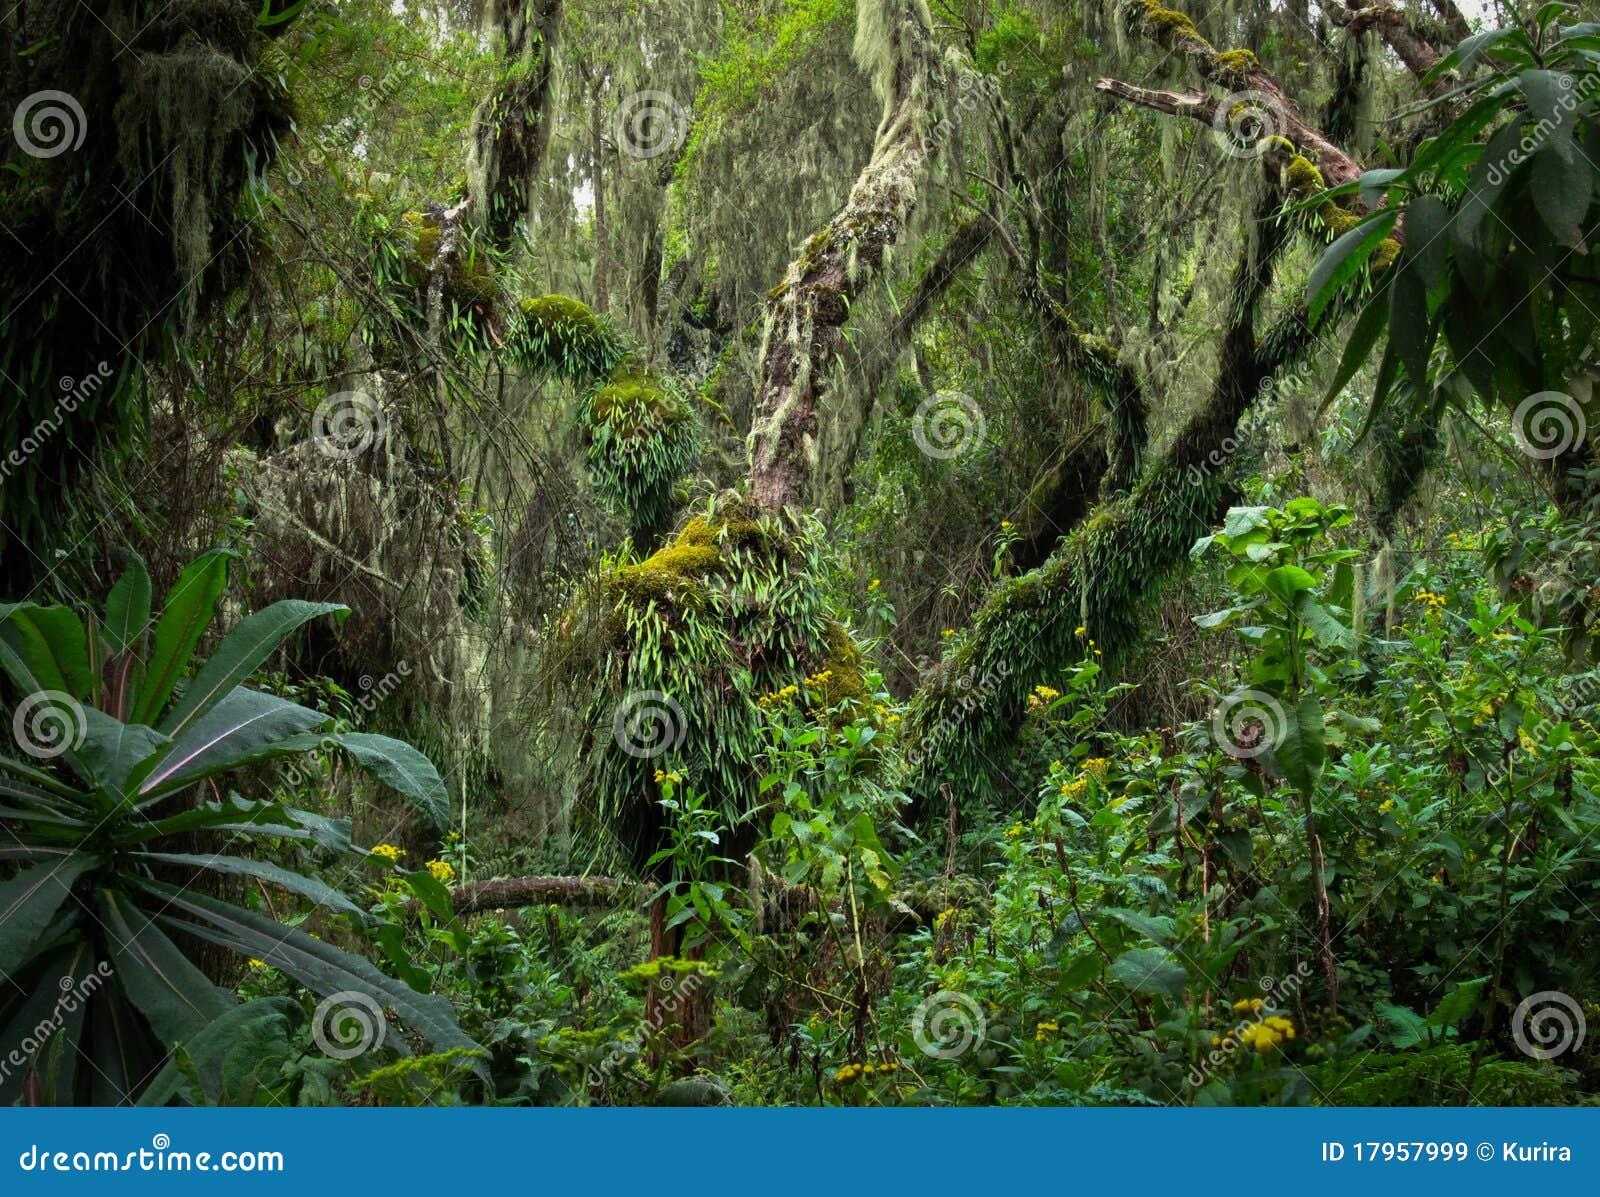 Tropikalny las deszczowy Rwanda drzewo tropikalny